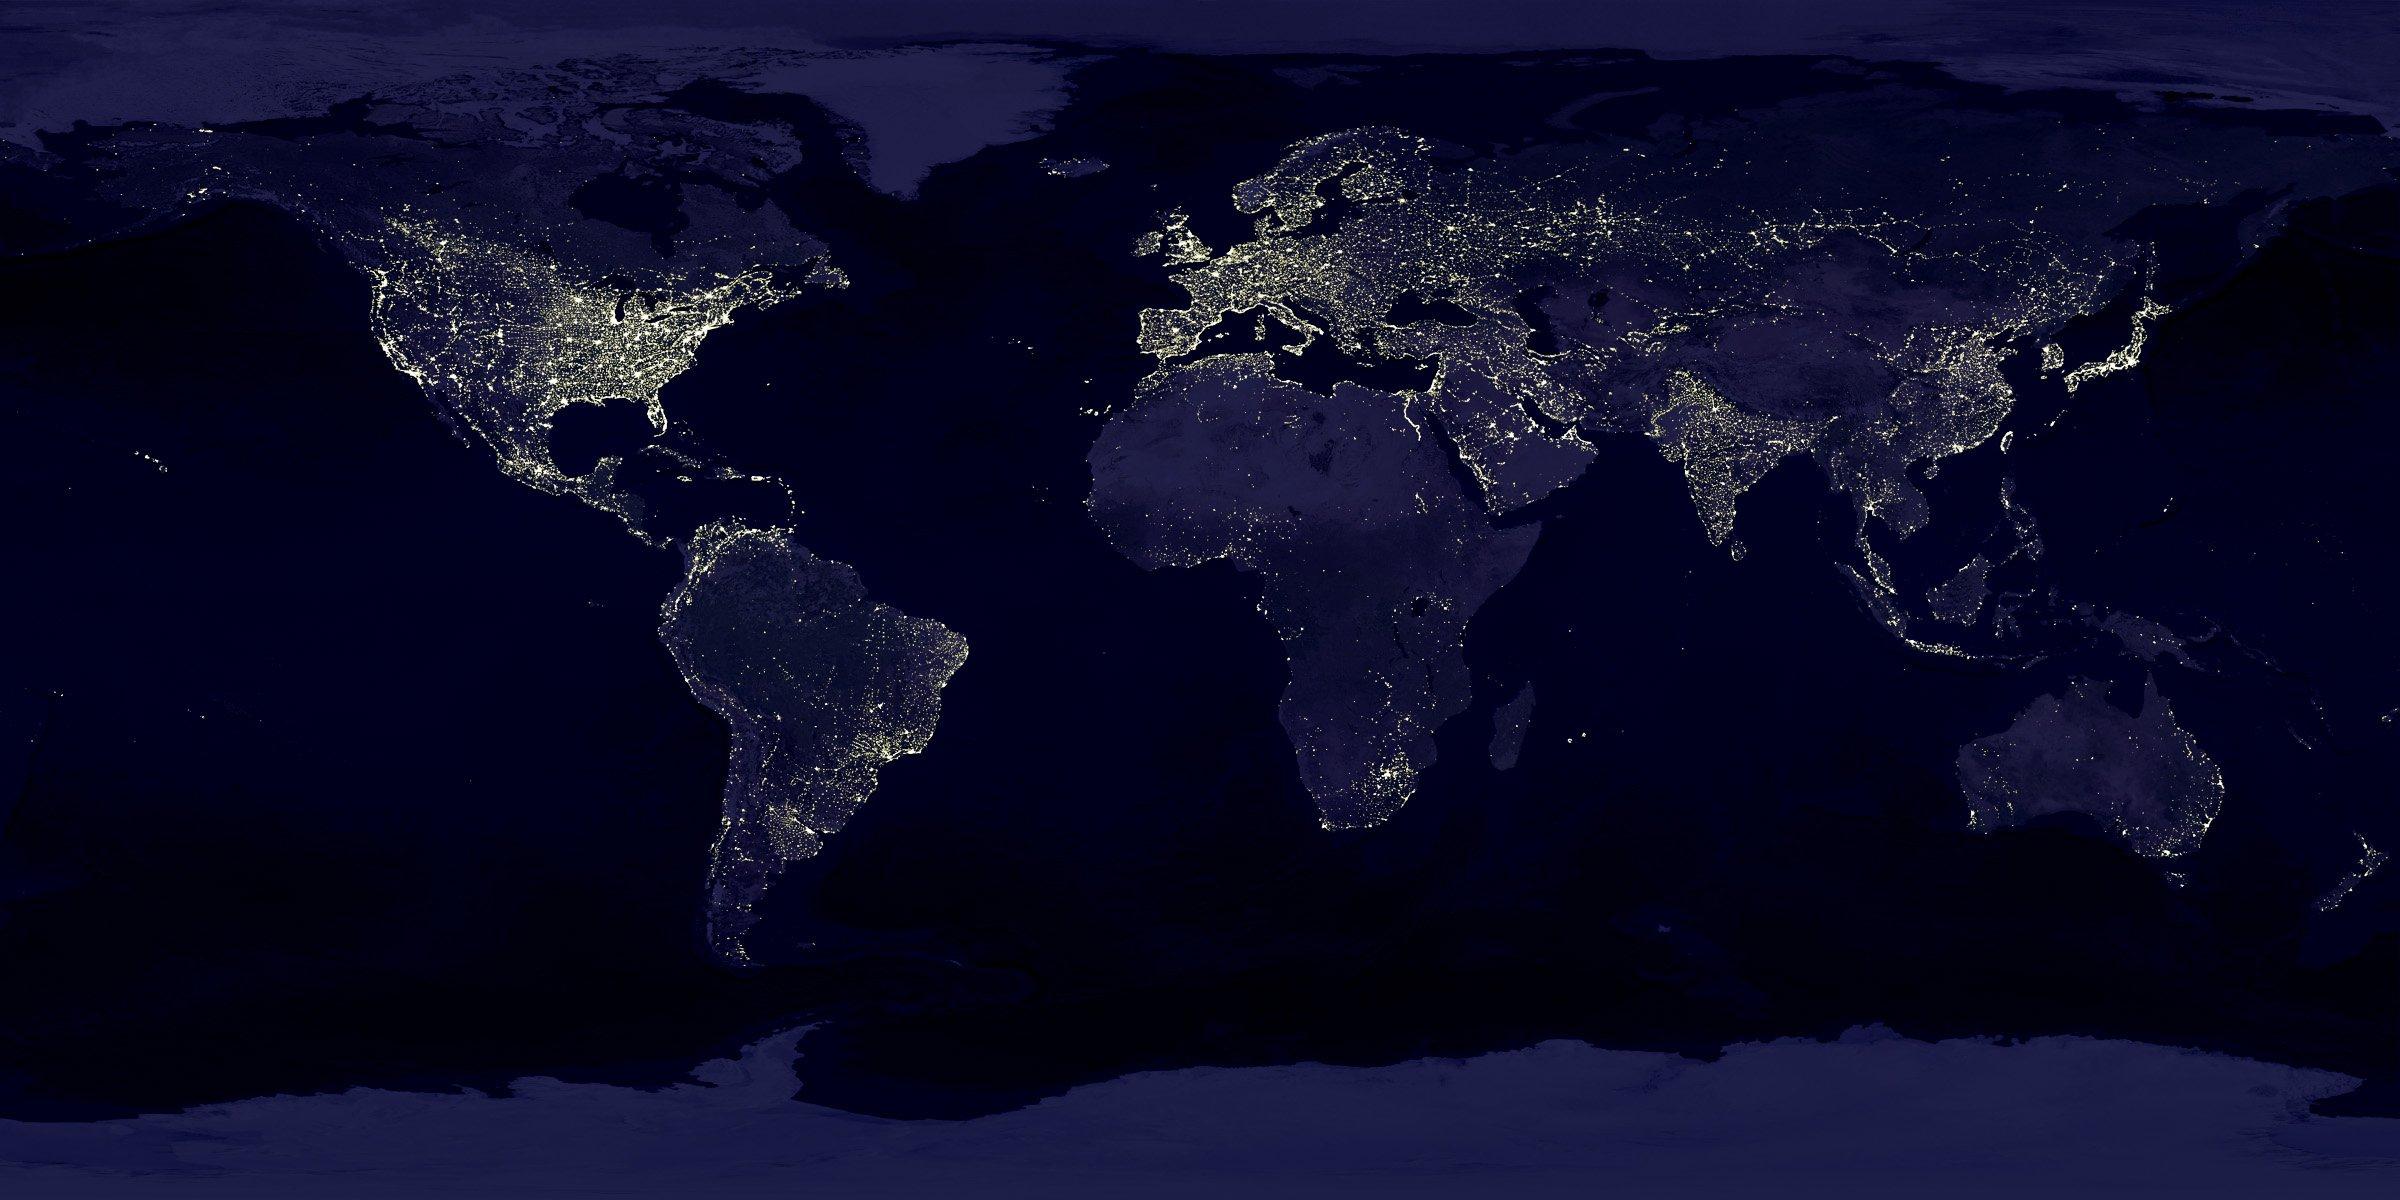 Muzyczna Mapa Świata od Spotify, czyli czego słucha się w różnych krajach i miastach